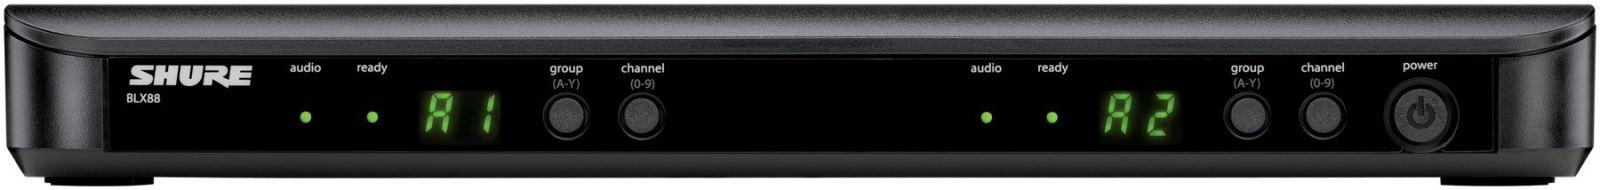 Bộ thu và phát kèm micro không dây Shure BLX88/BETA58A